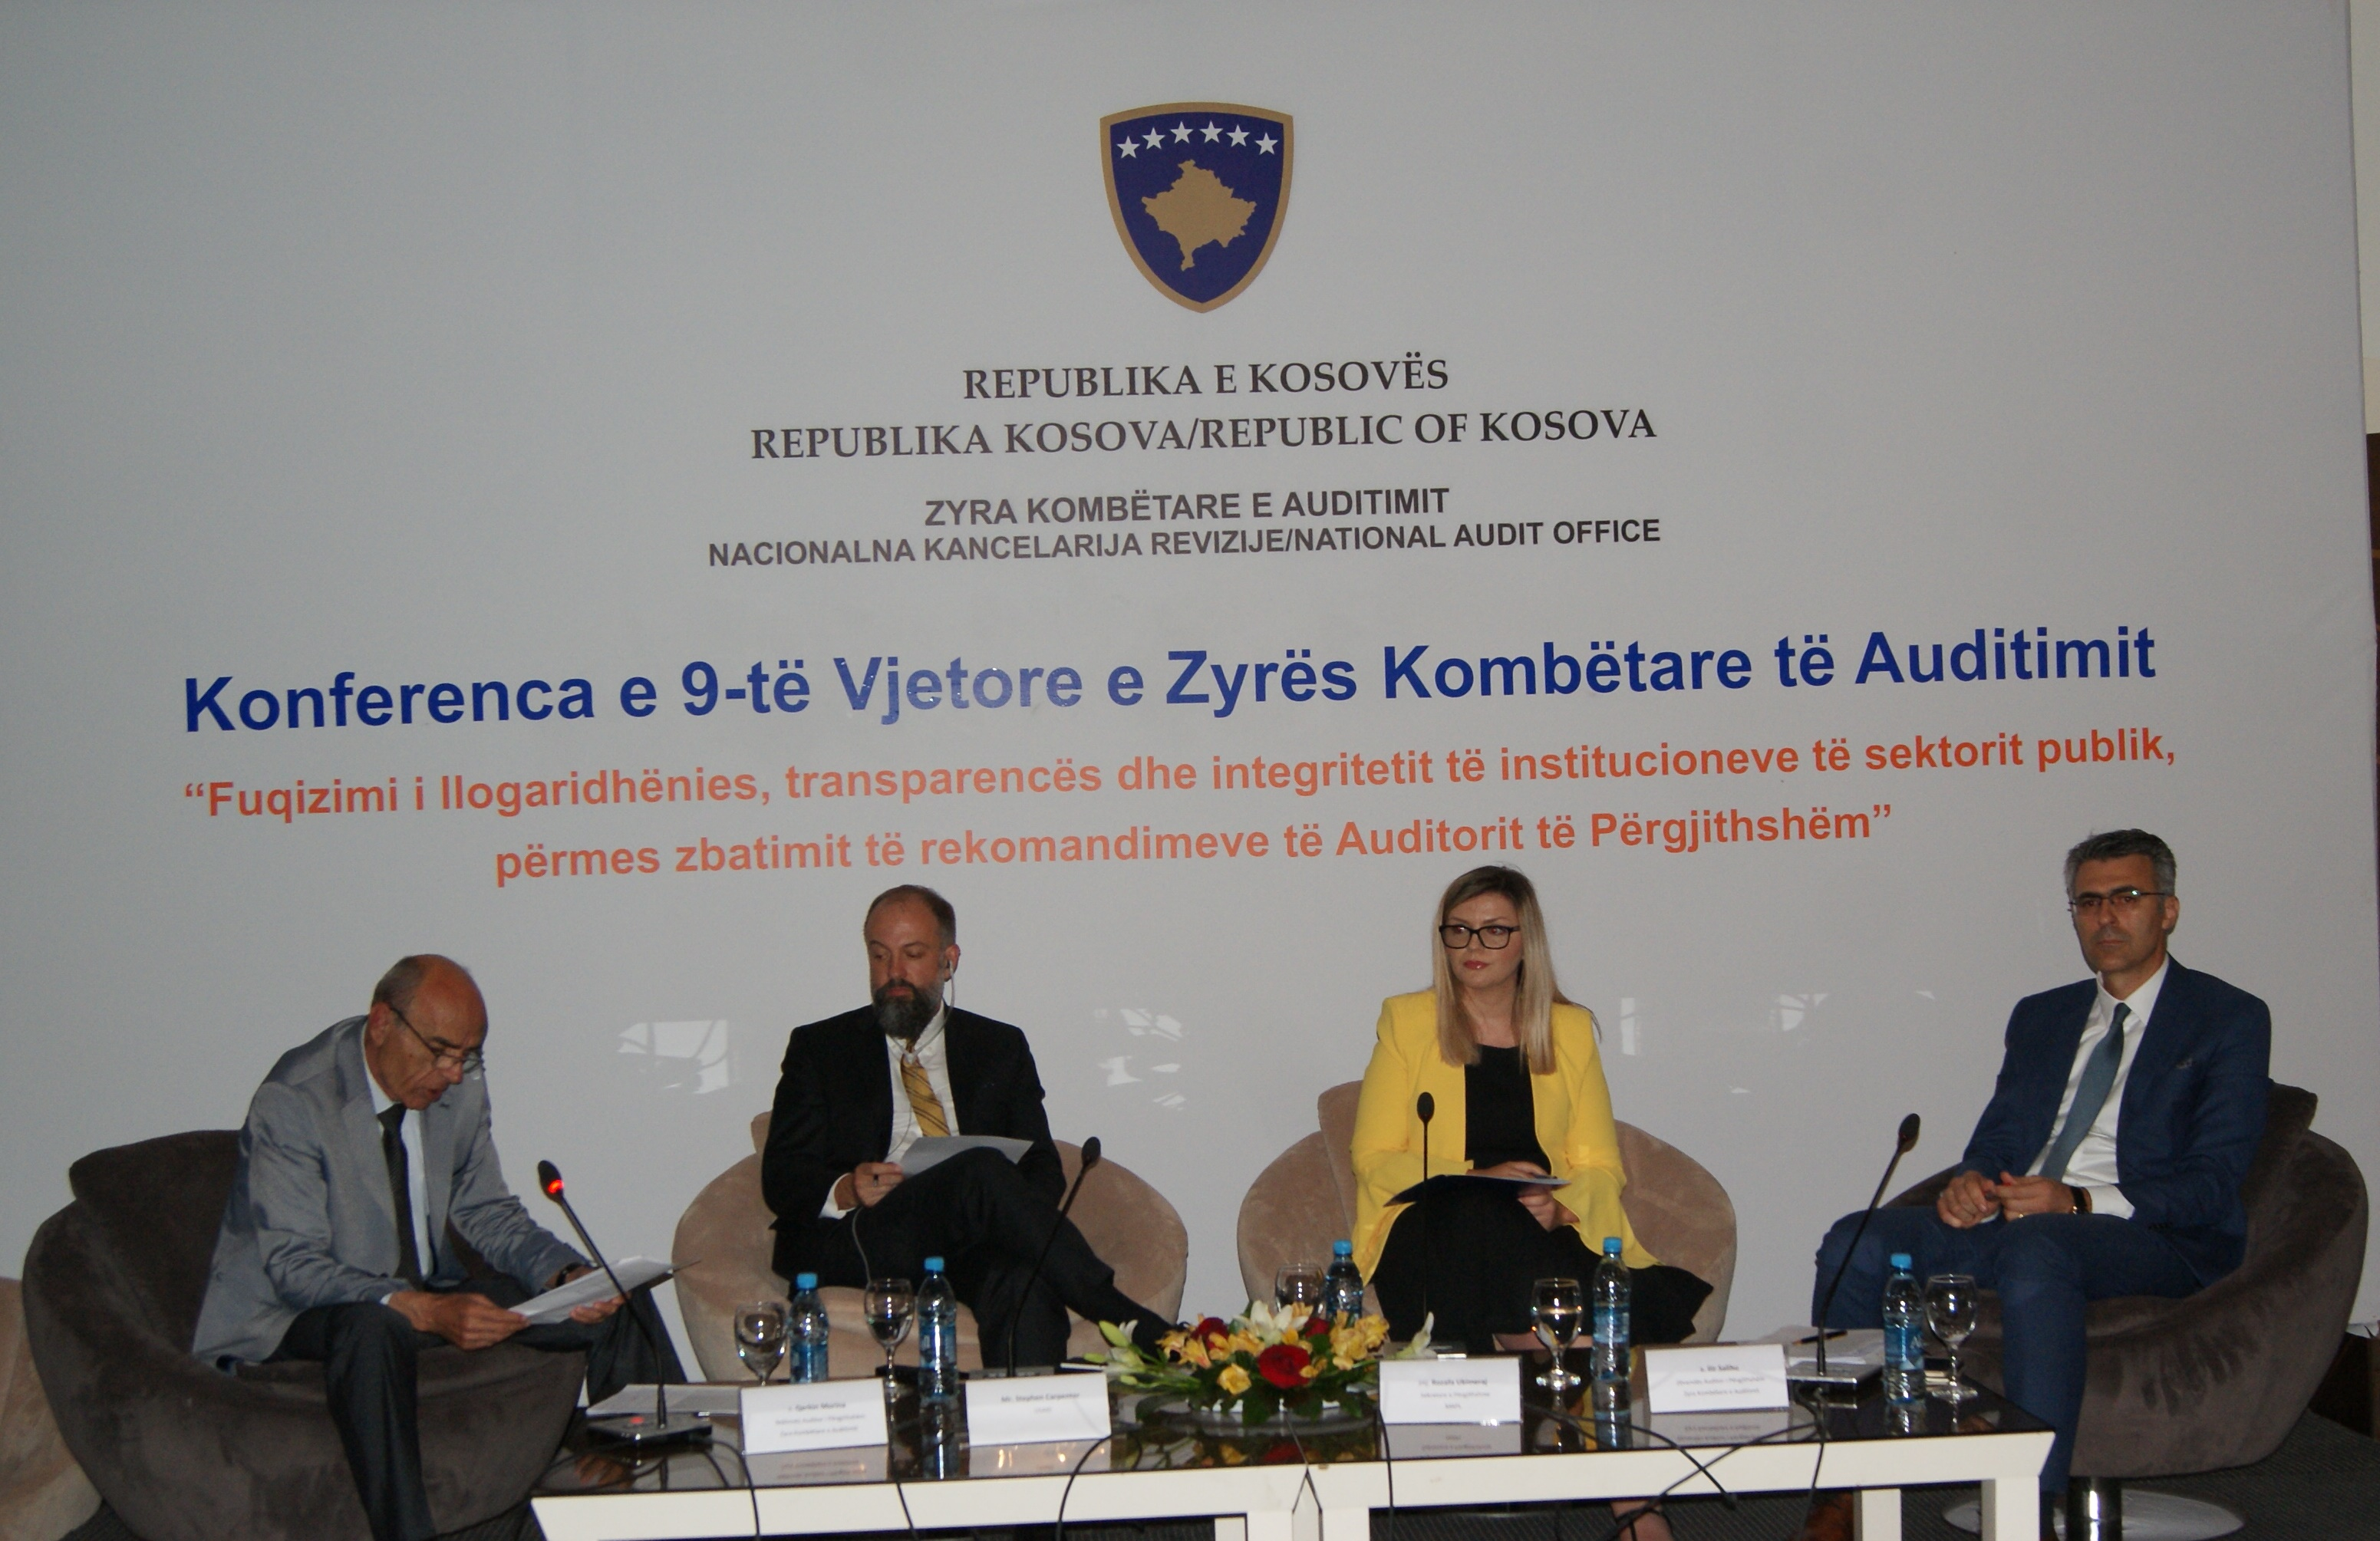 Konferenca2017_02